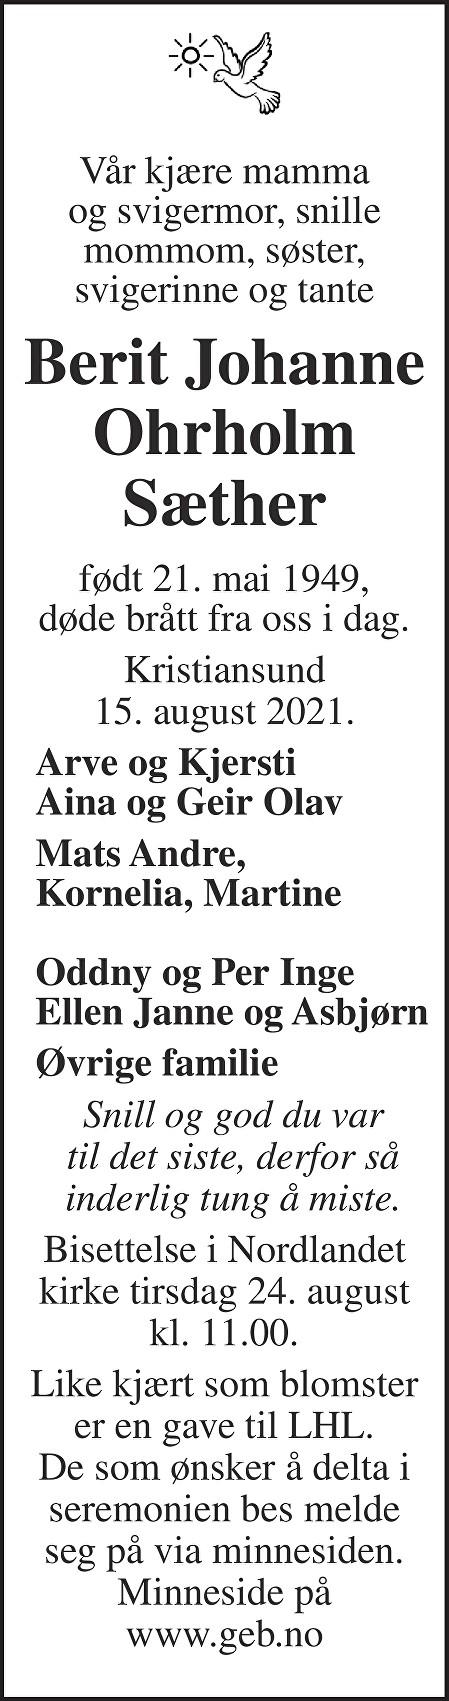 Berit Johanne Ohrholm Sæther Dødsannonse